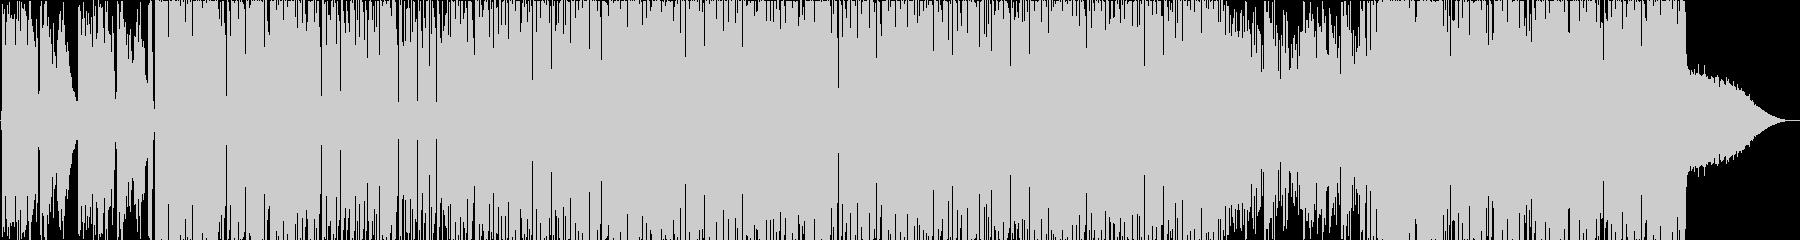 子供声のギンギンでヤンチャな音楽の未再生の波形